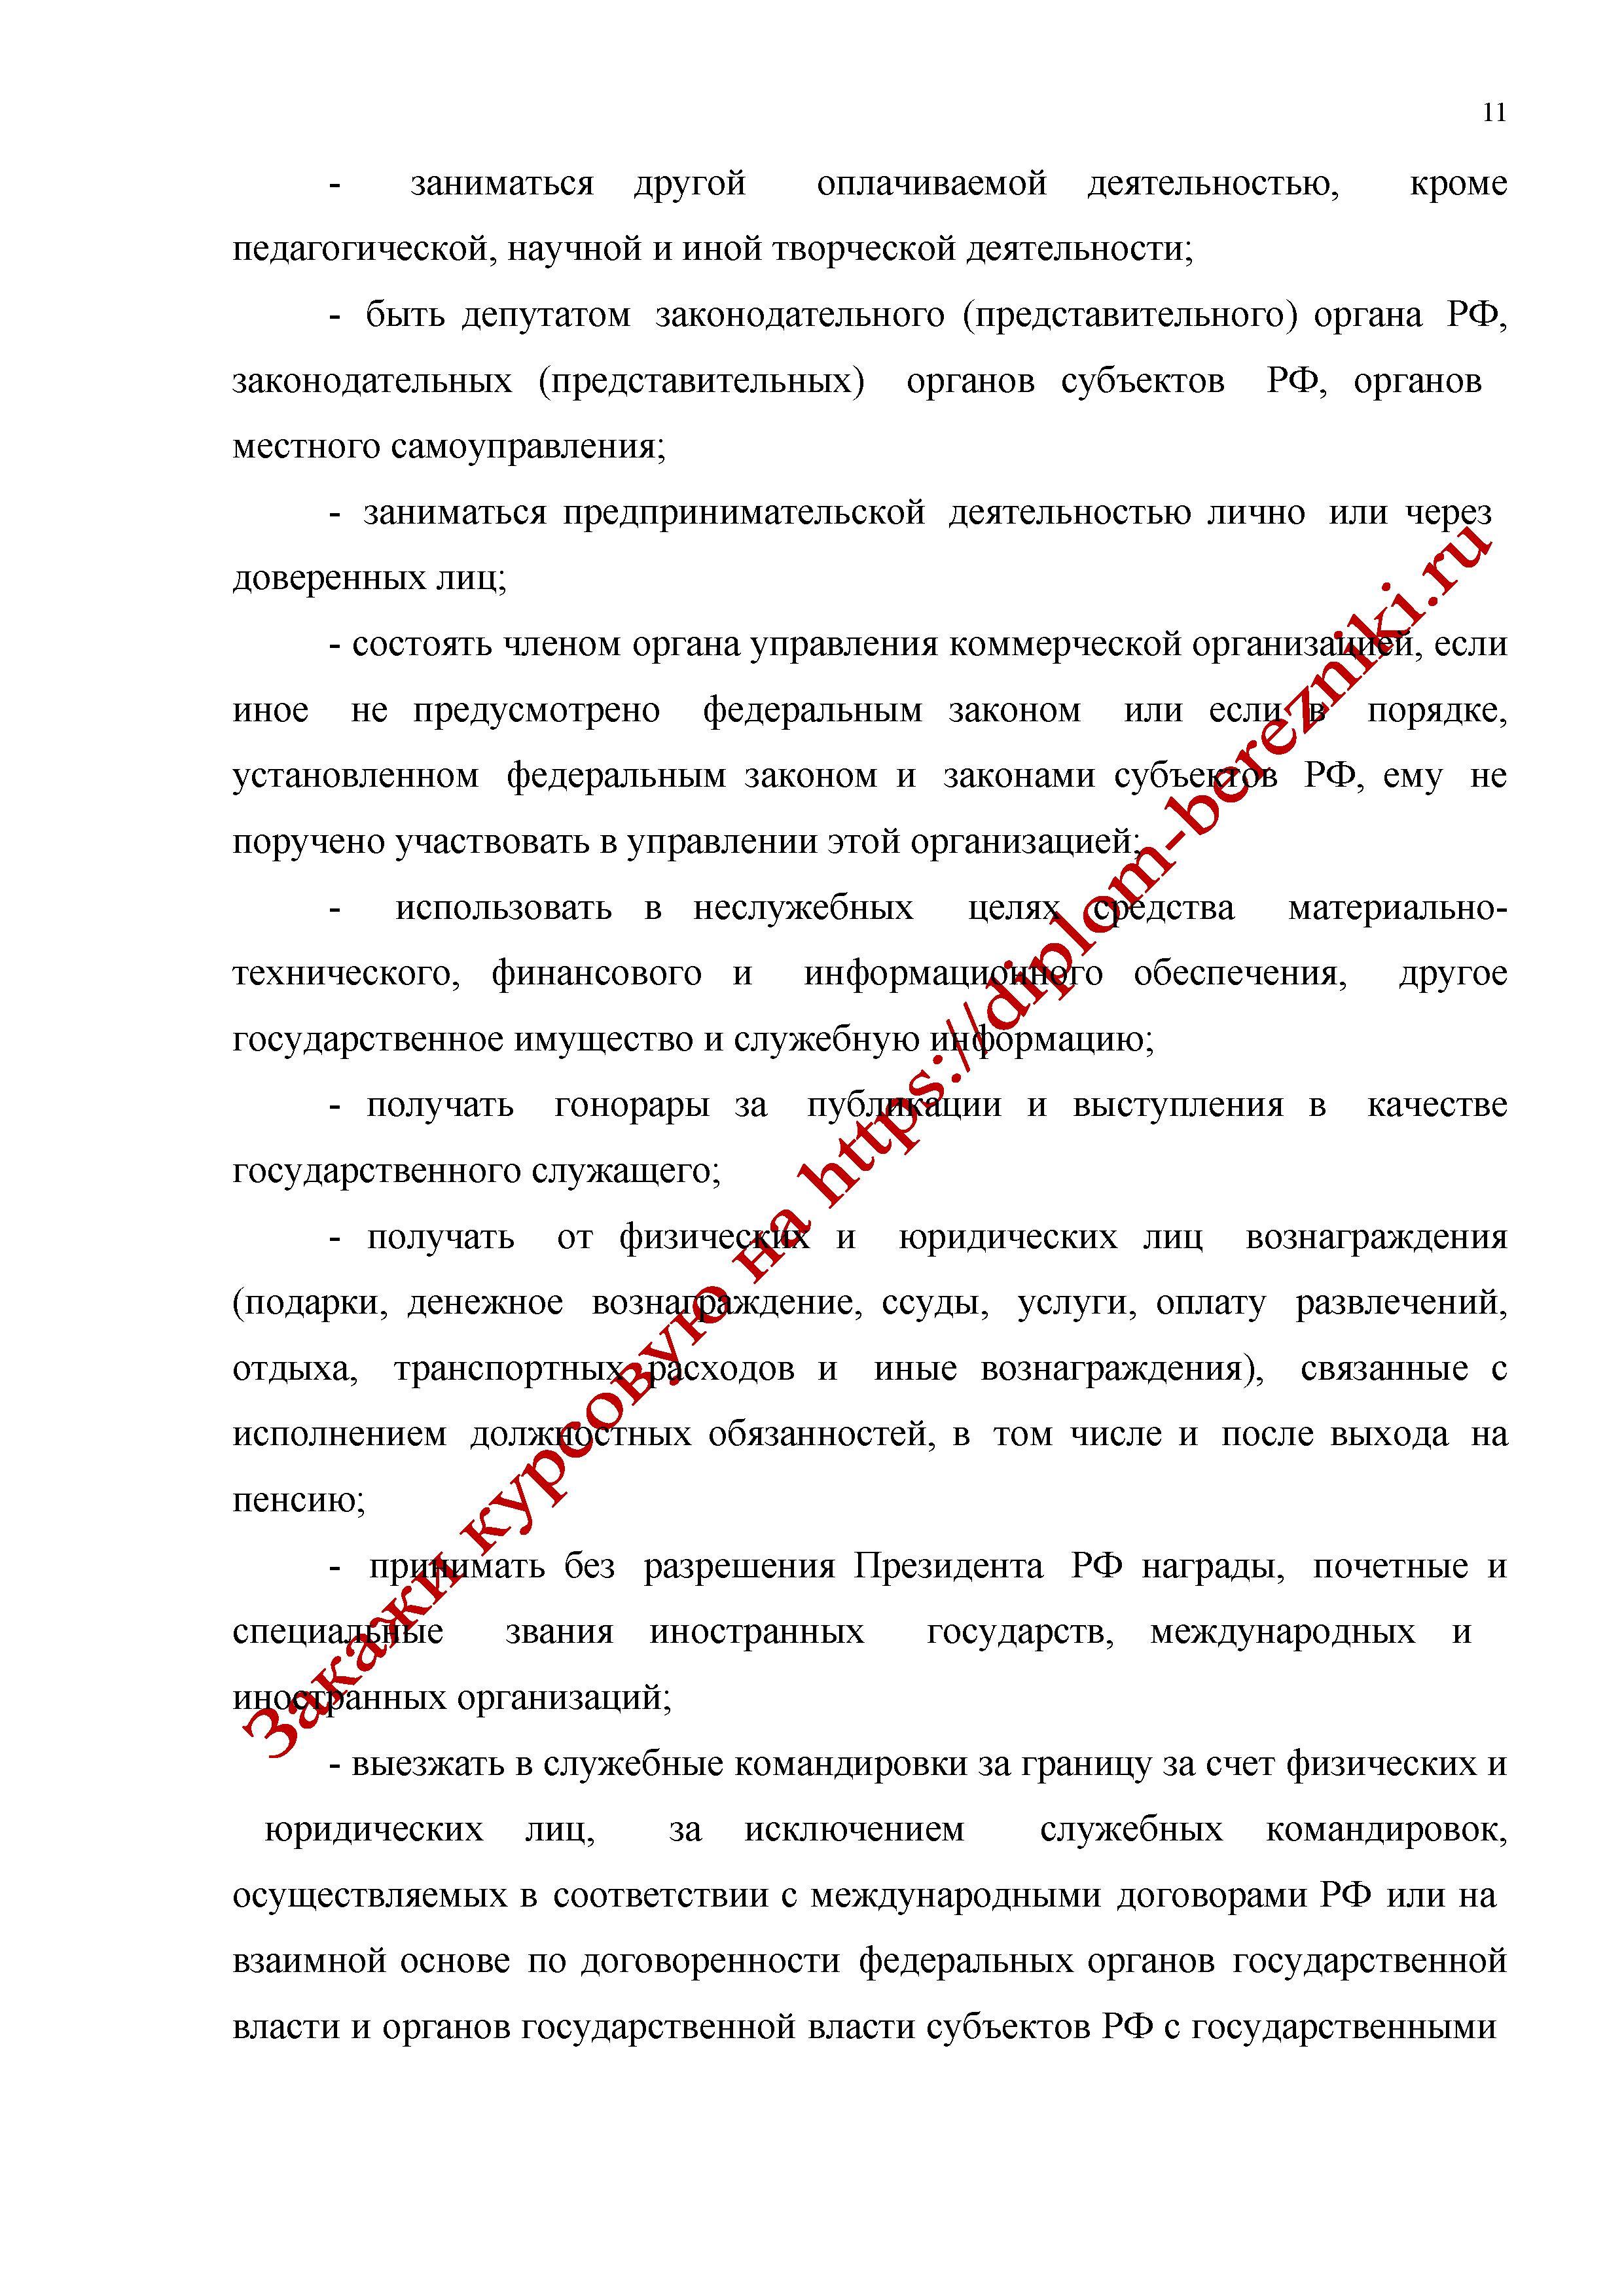 Порядок привлечения работников прокуратуры к уголовной и административной ответственности